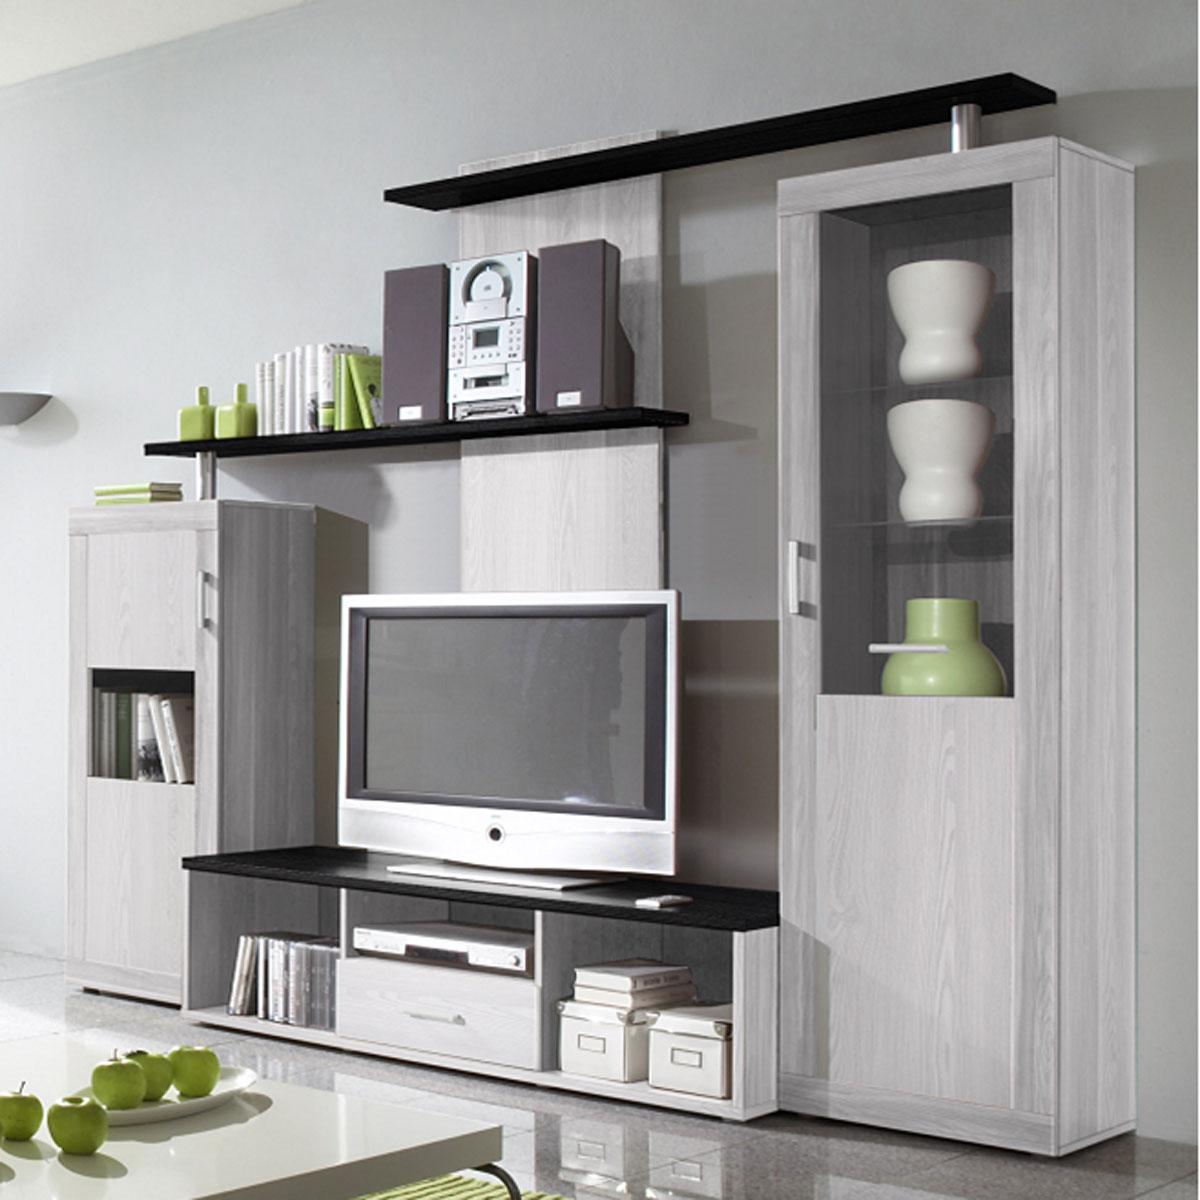 wohnwand june anbauwand vitrinen sibiu l rche und absetzungen touchwood ebay. Black Bedroom Furniture Sets. Home Design Ideas